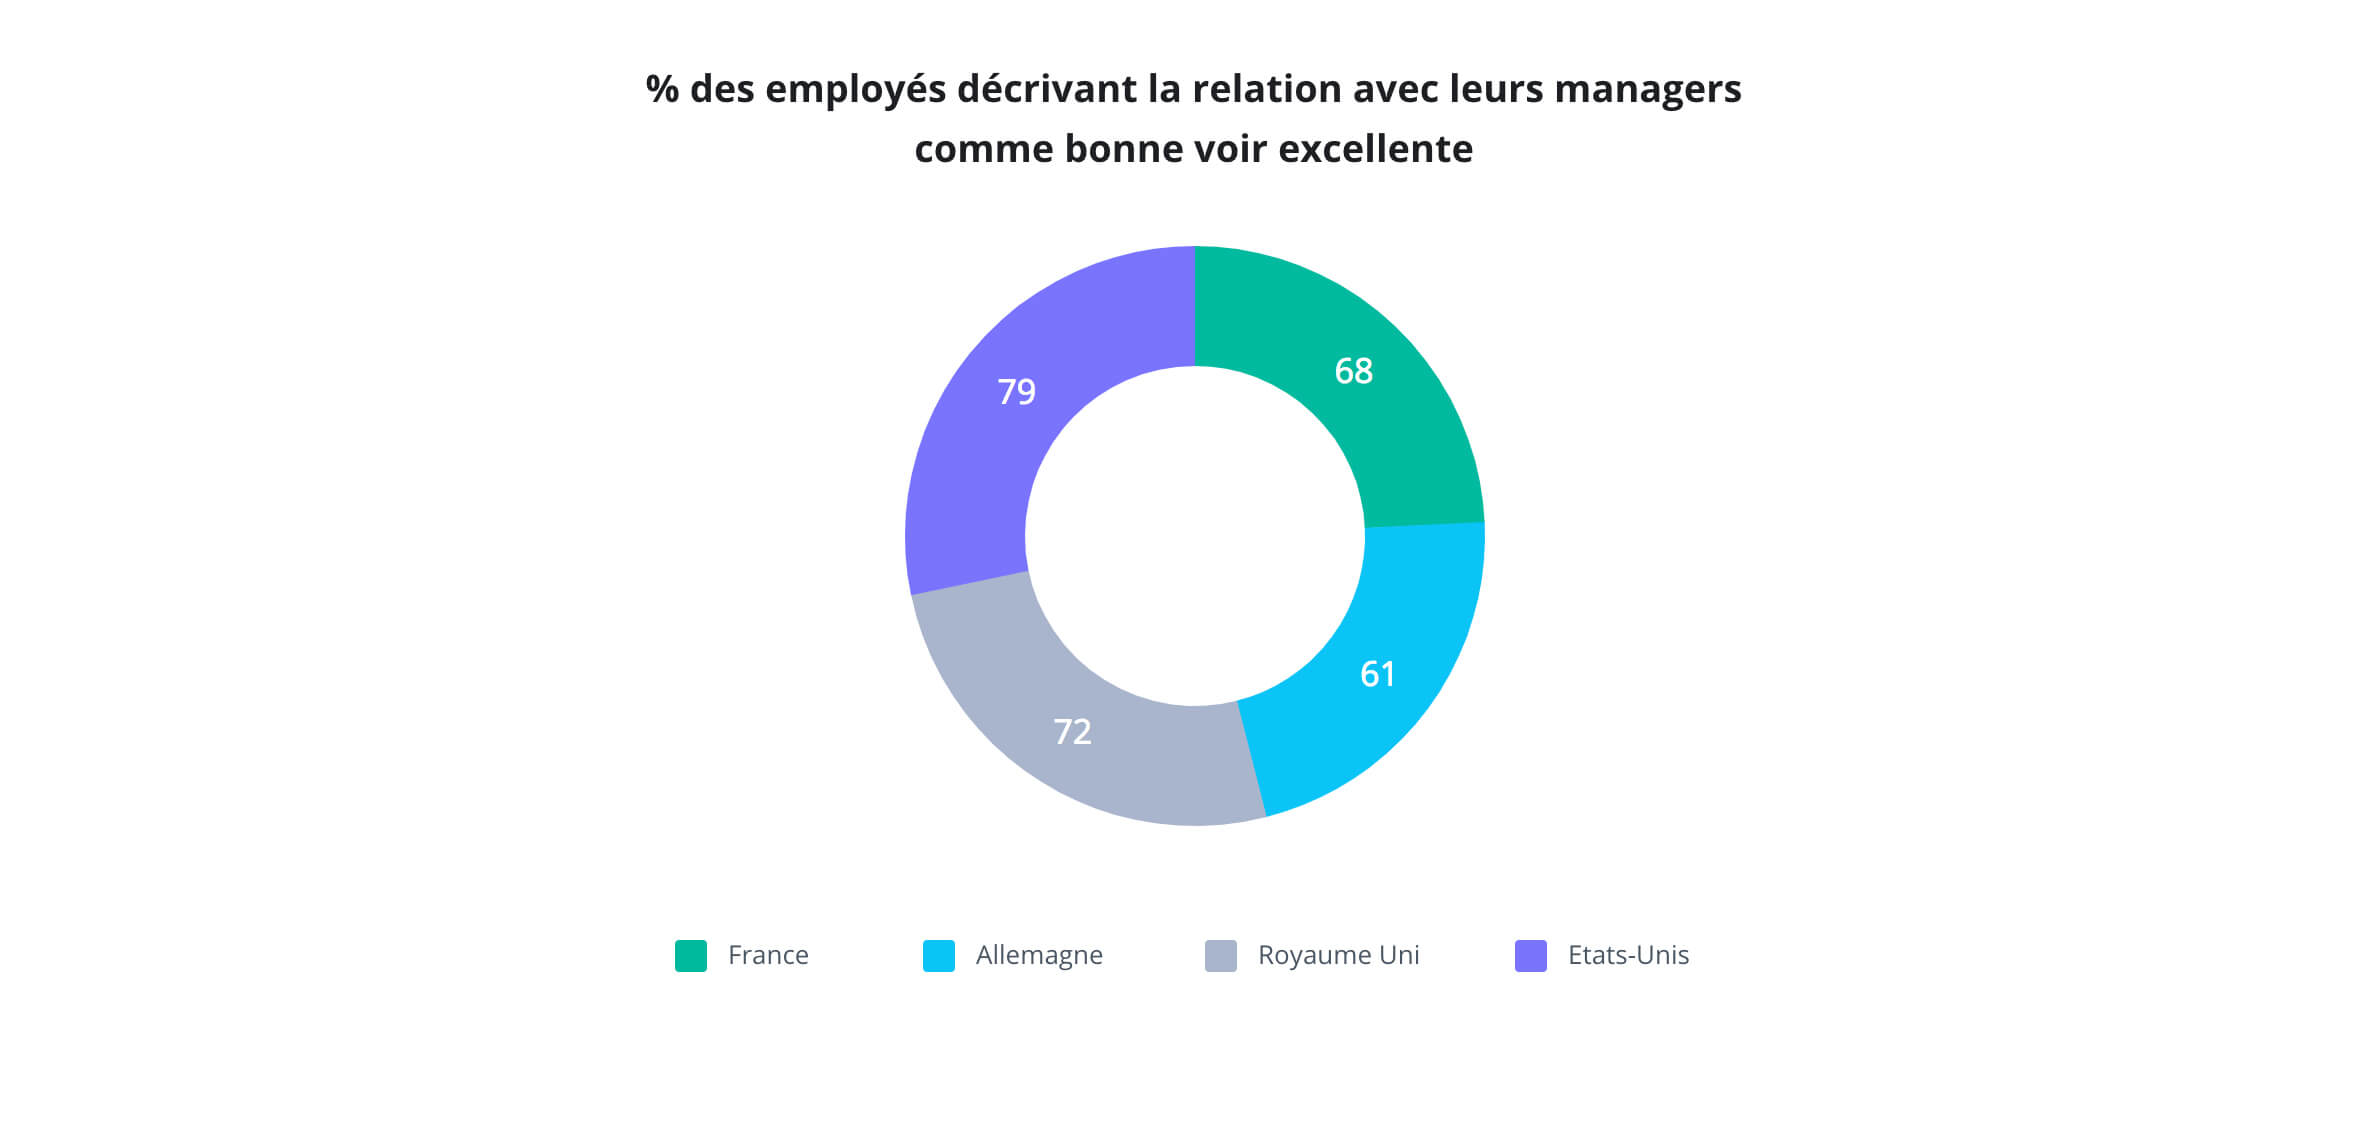 Wrike Happiness Index 2018 : relations des employés avec leurs managers